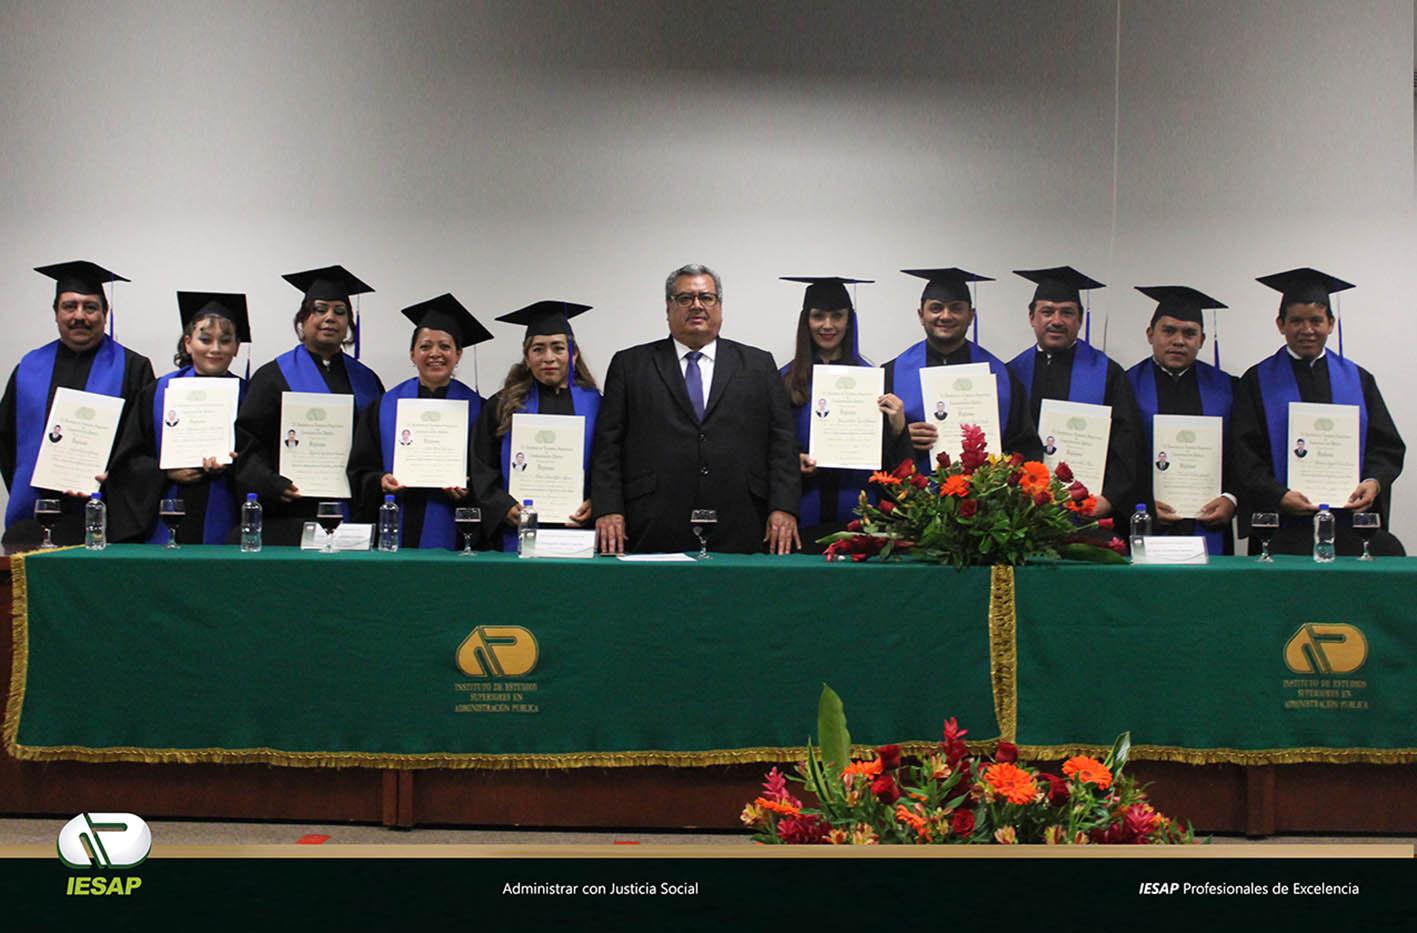 15_06_2018 Entrega de Diplomas .JPG